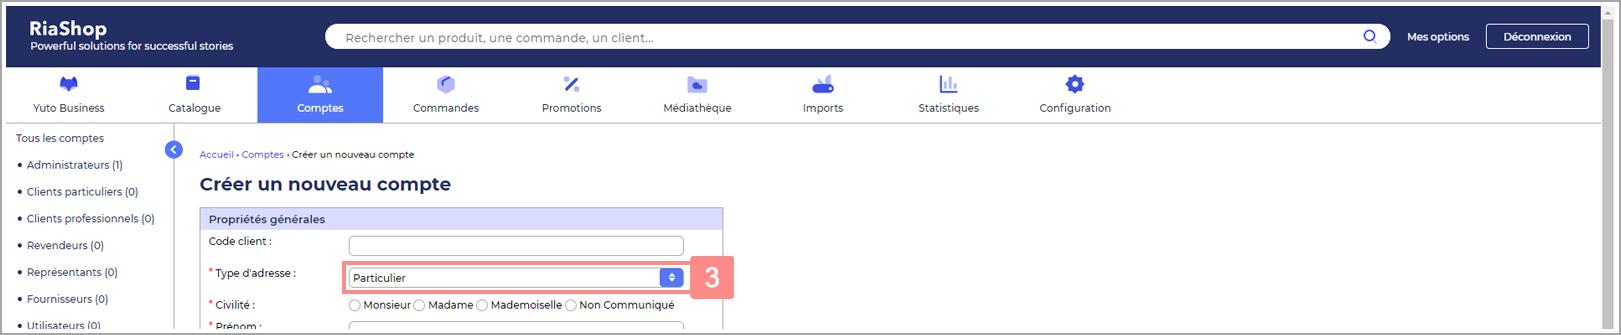 Choisir type d'adresse du nouveau compte - Site d'aide RiaShop / Yuto